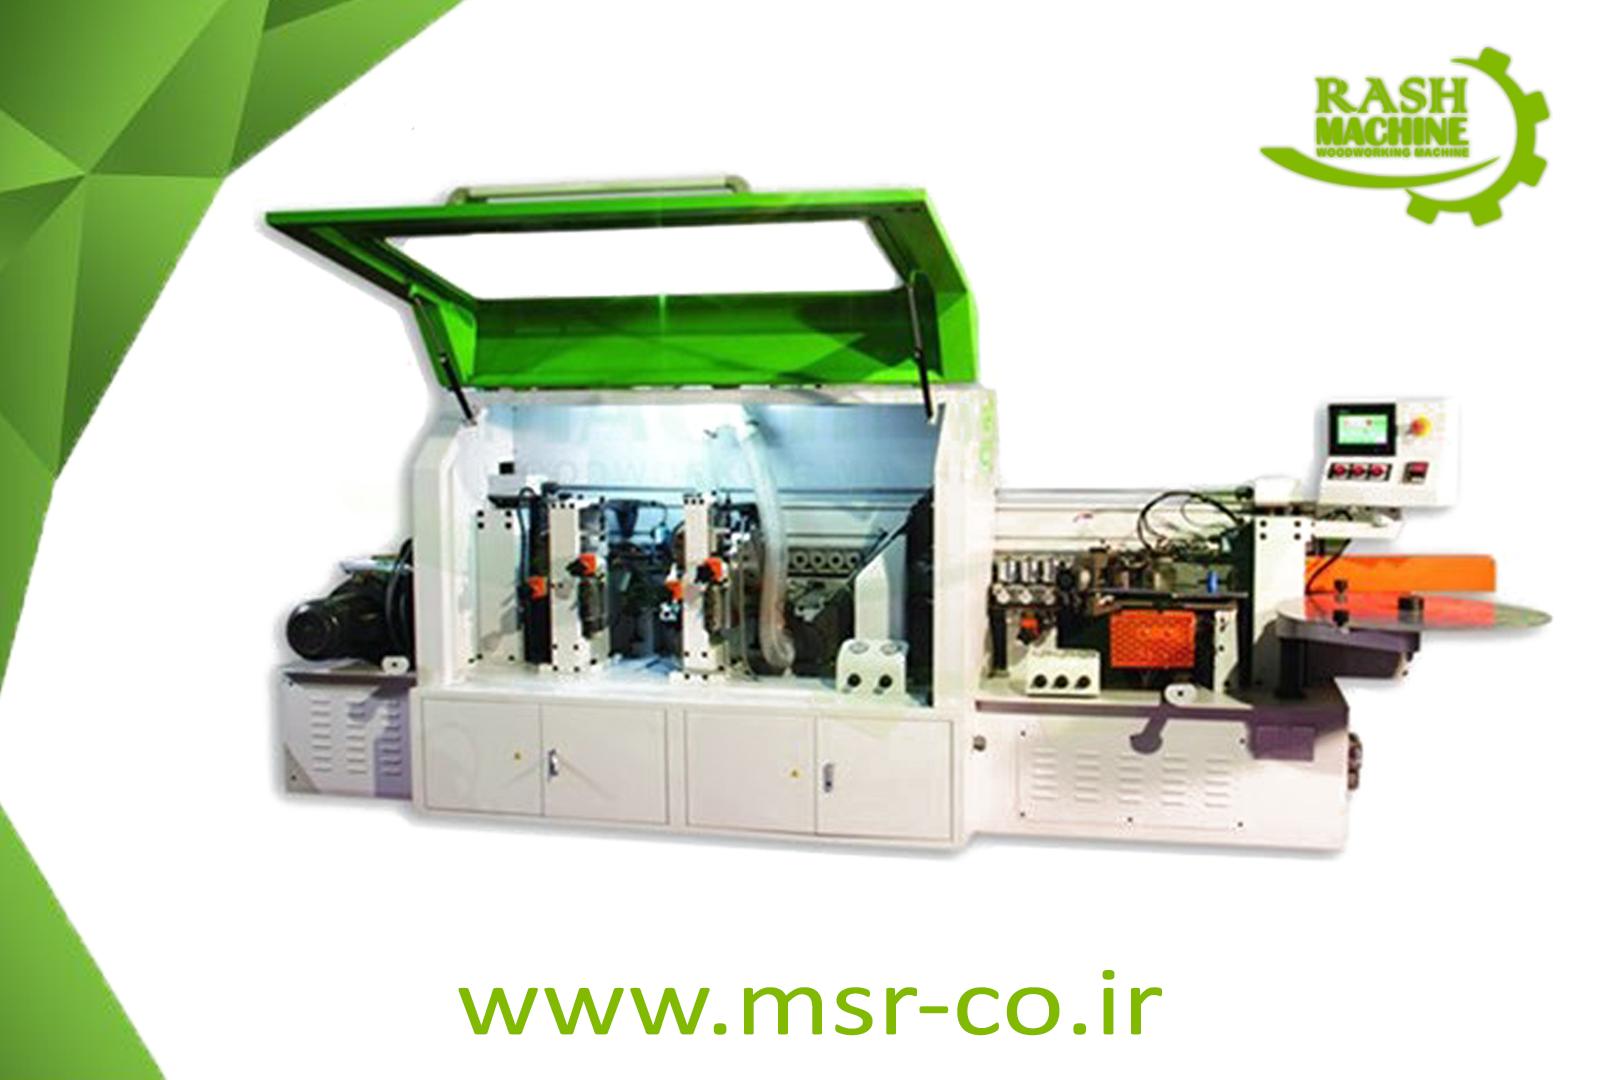 Adhesive edge MSR-5000